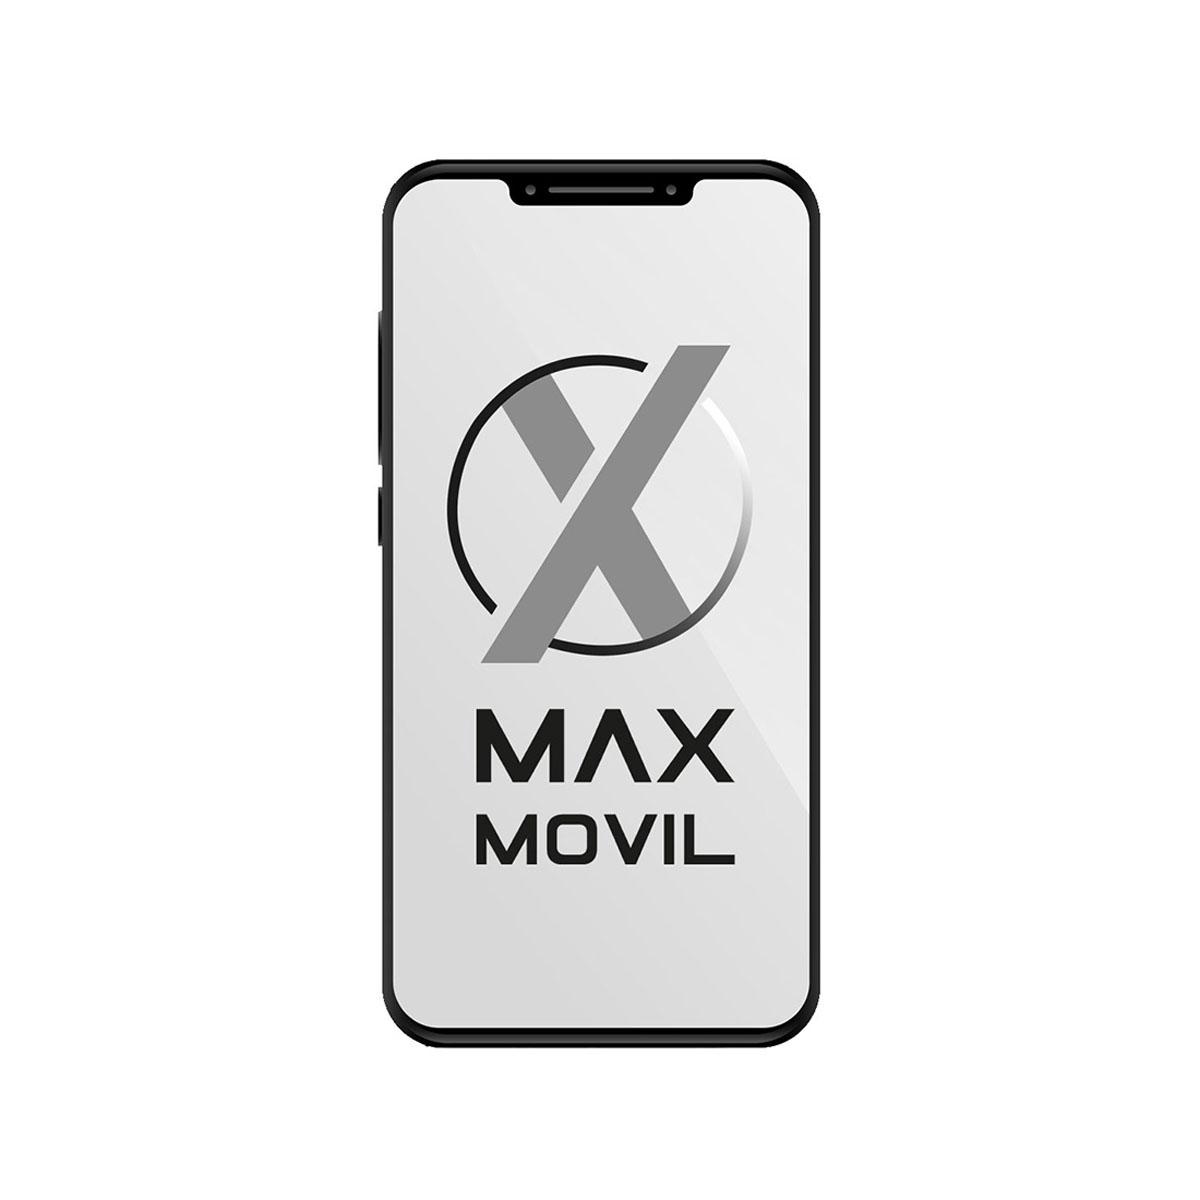 Placa ciega Keynet 45x22,5mm para cajas FME, blanco